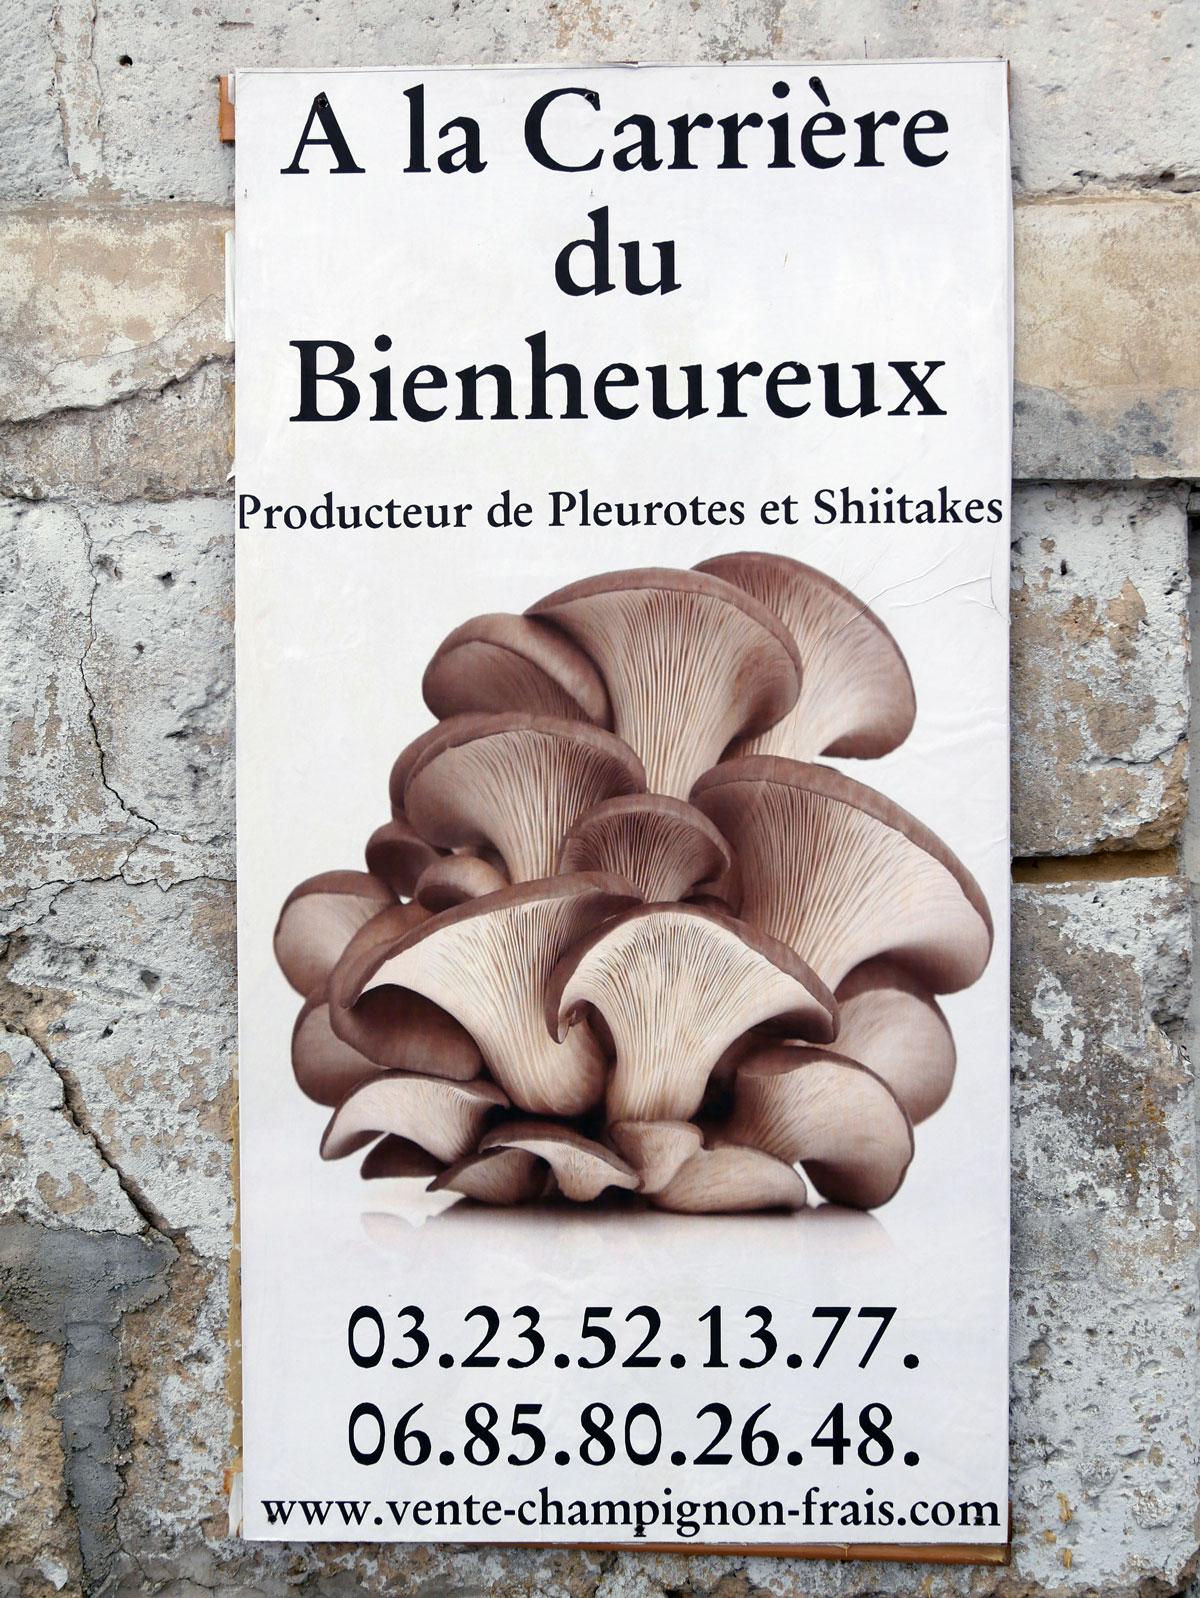 A-la-carrière-du-bienheureux-achat-vente-champignons-frais-bio